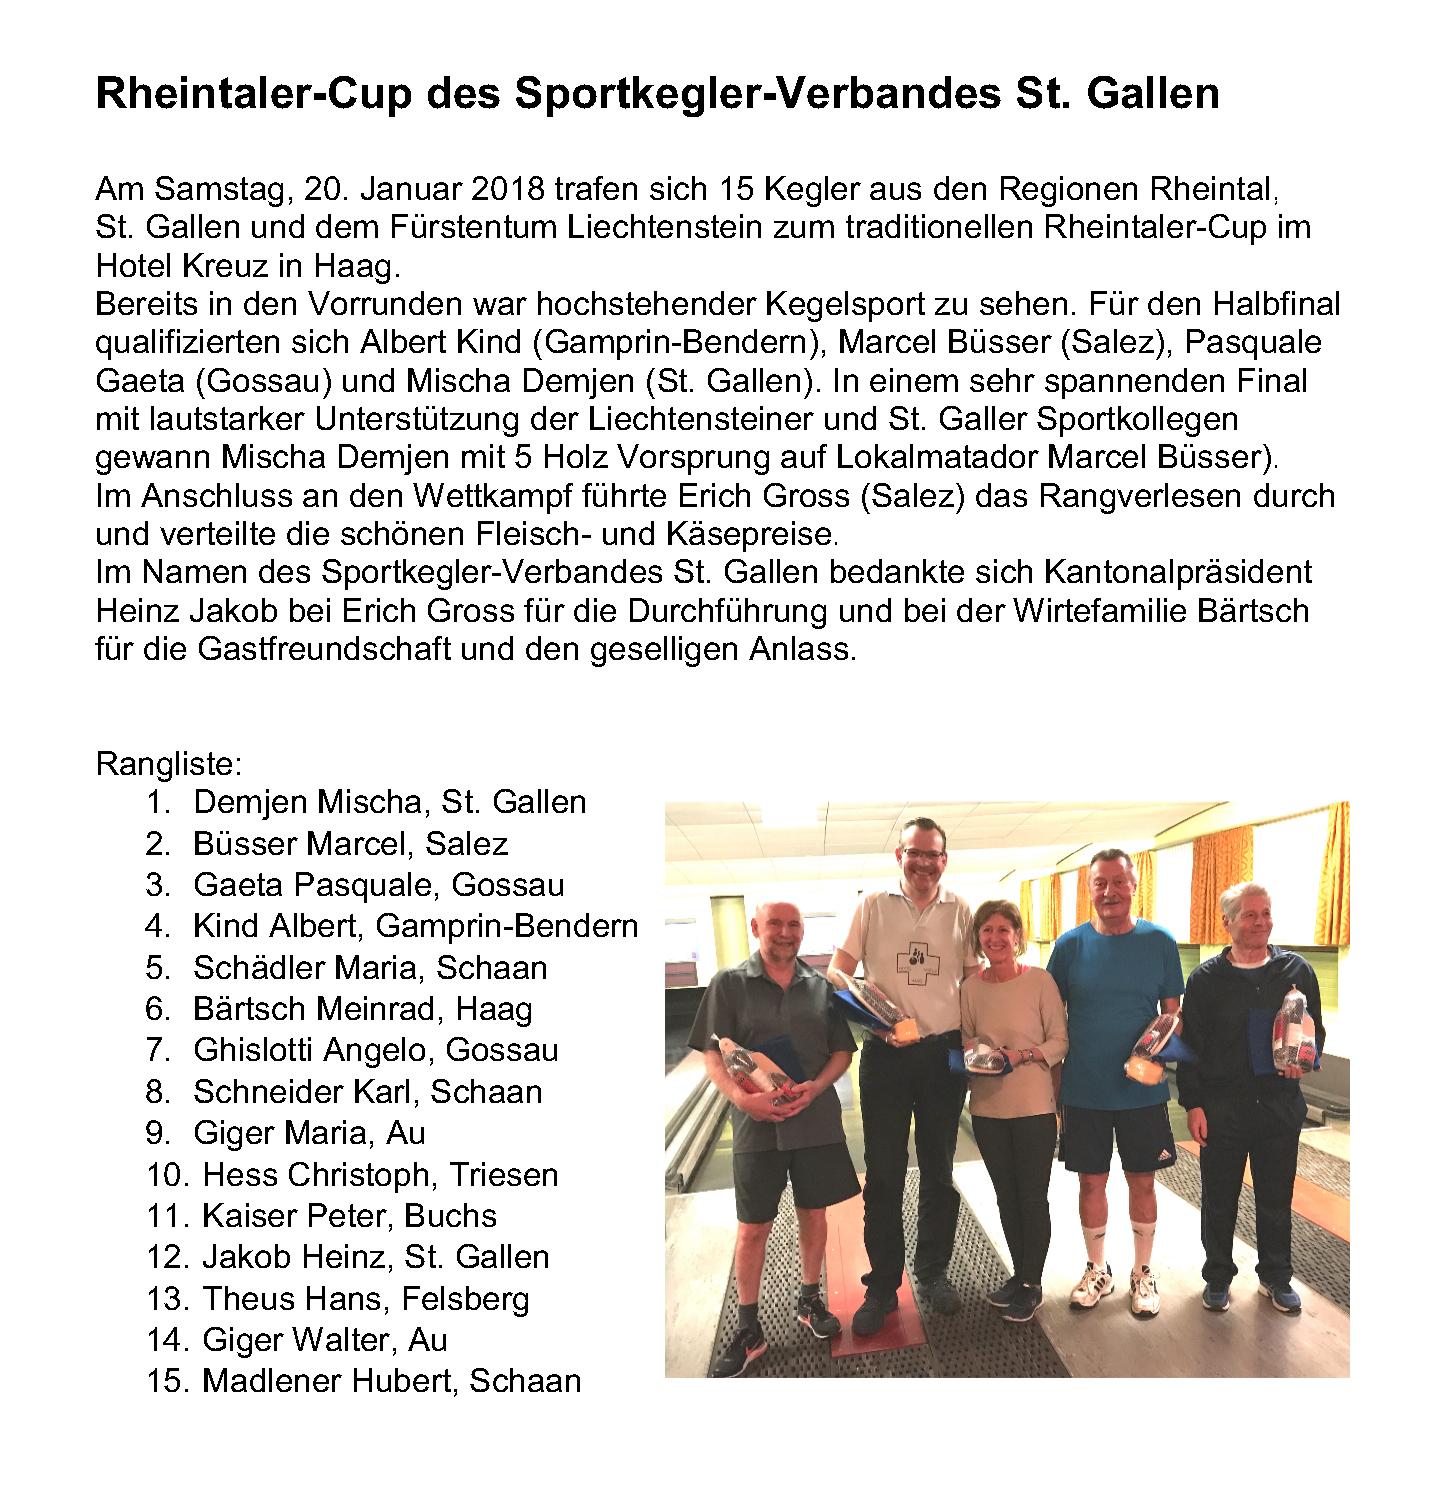 62_RHT-Cup 2017-18 Berichtpng